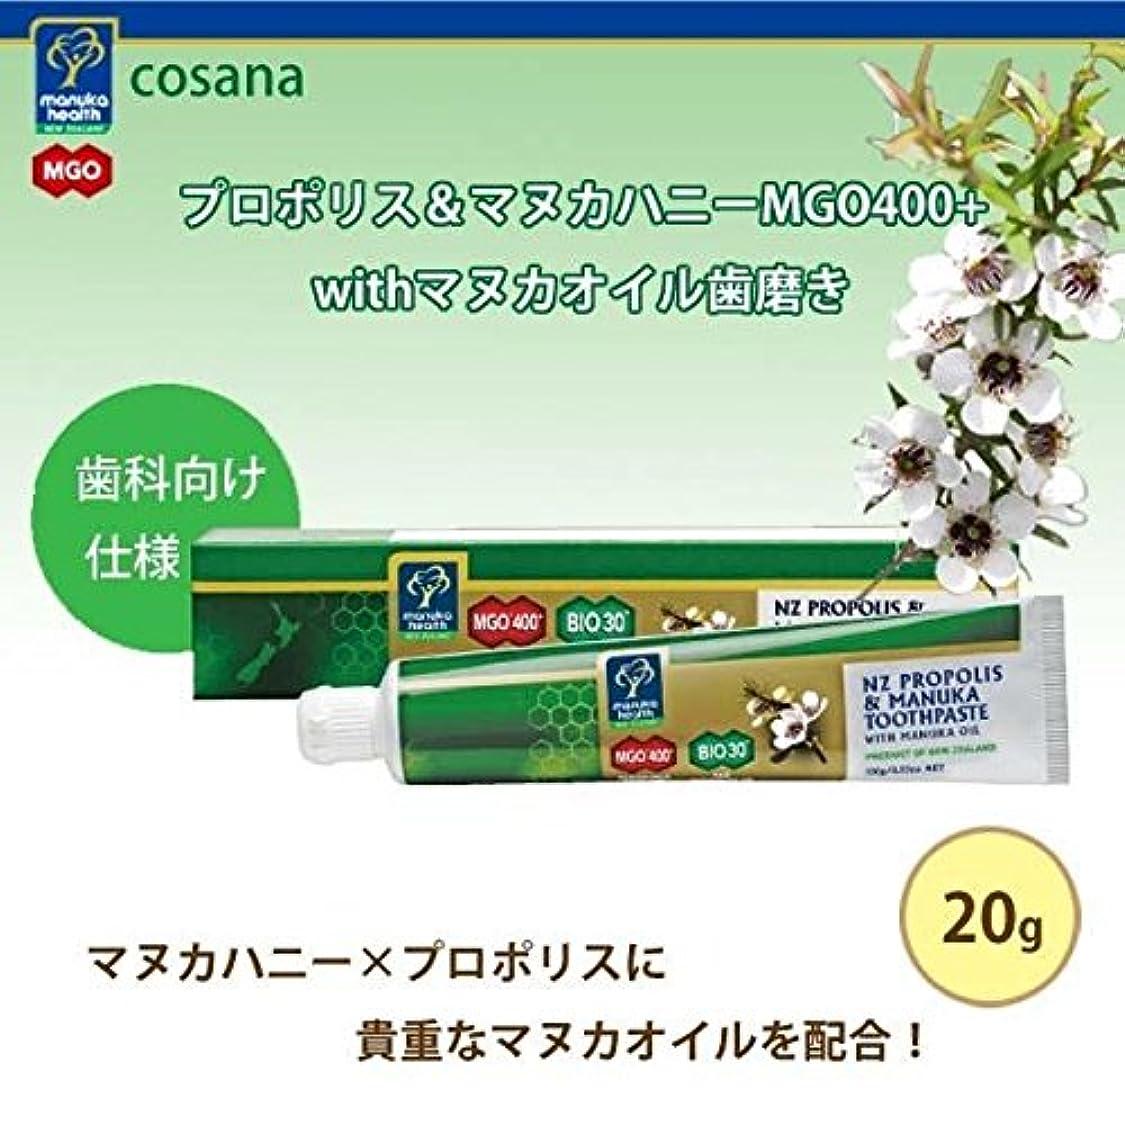 死政策ストロープロポリス&マヌカハニーMGO400+ withマヌカオイル歯磨き(緑) 20g